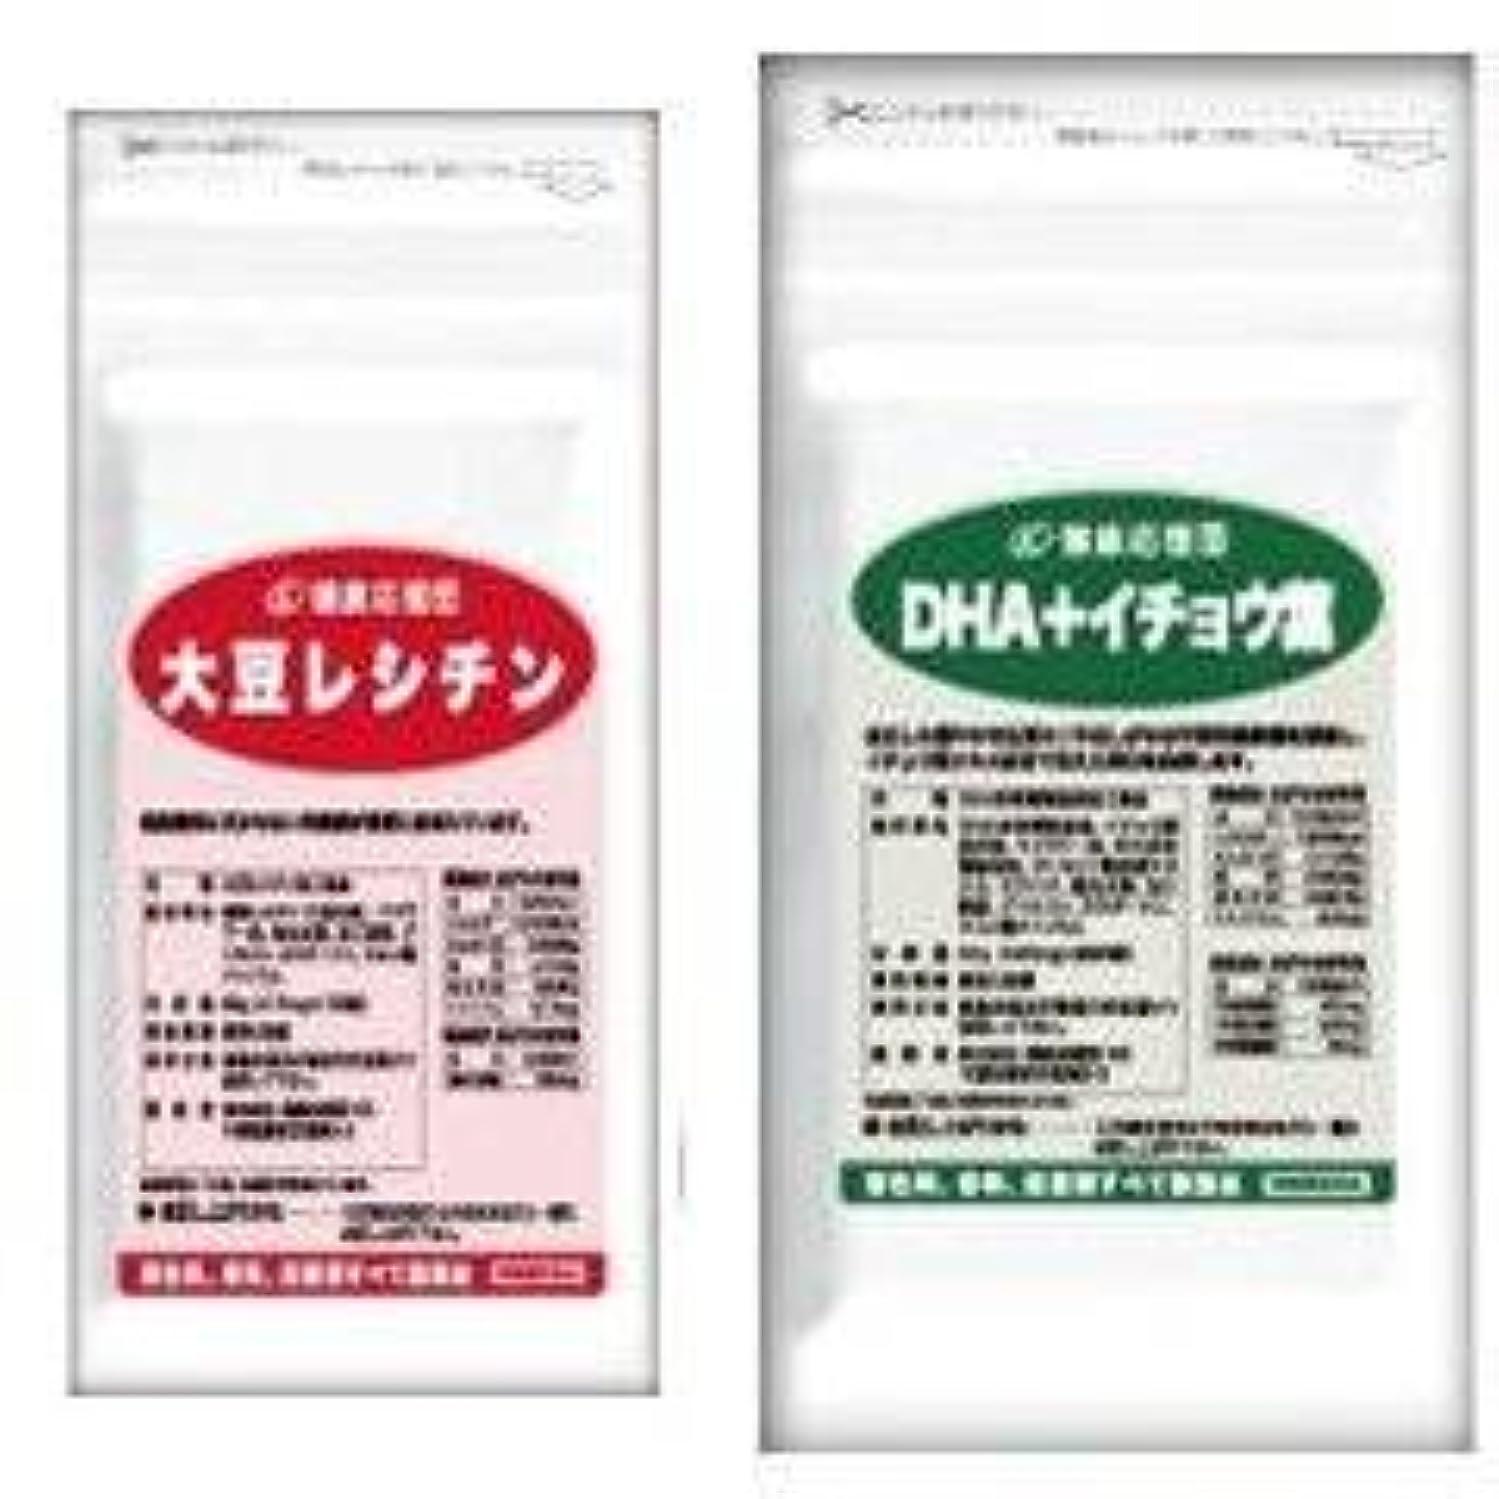 またね育成急襲(お徳用6か月分)流れサラサラセット 大豆レシチン+(DHA?EPA+イチョウ葉)6袋&6袋セット